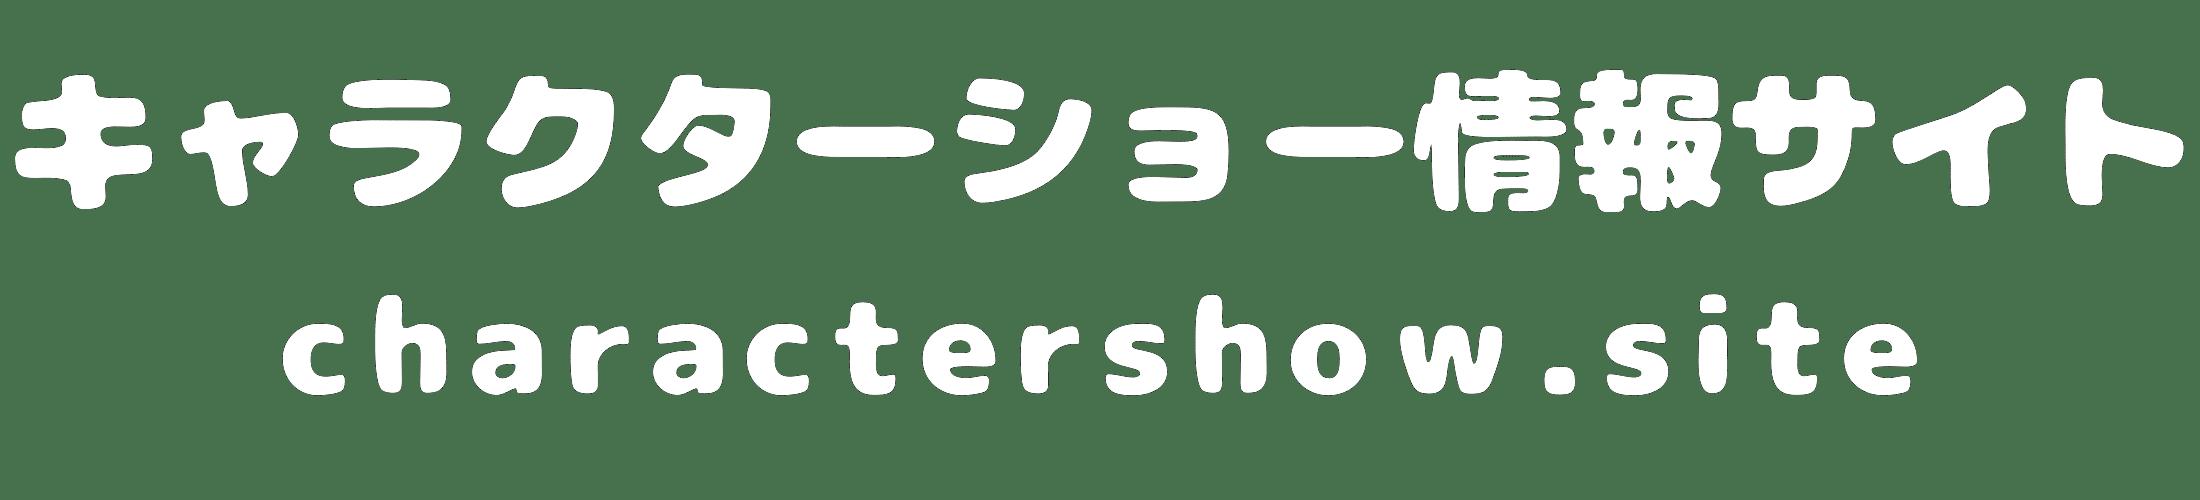 キャラクターショー情報サイト